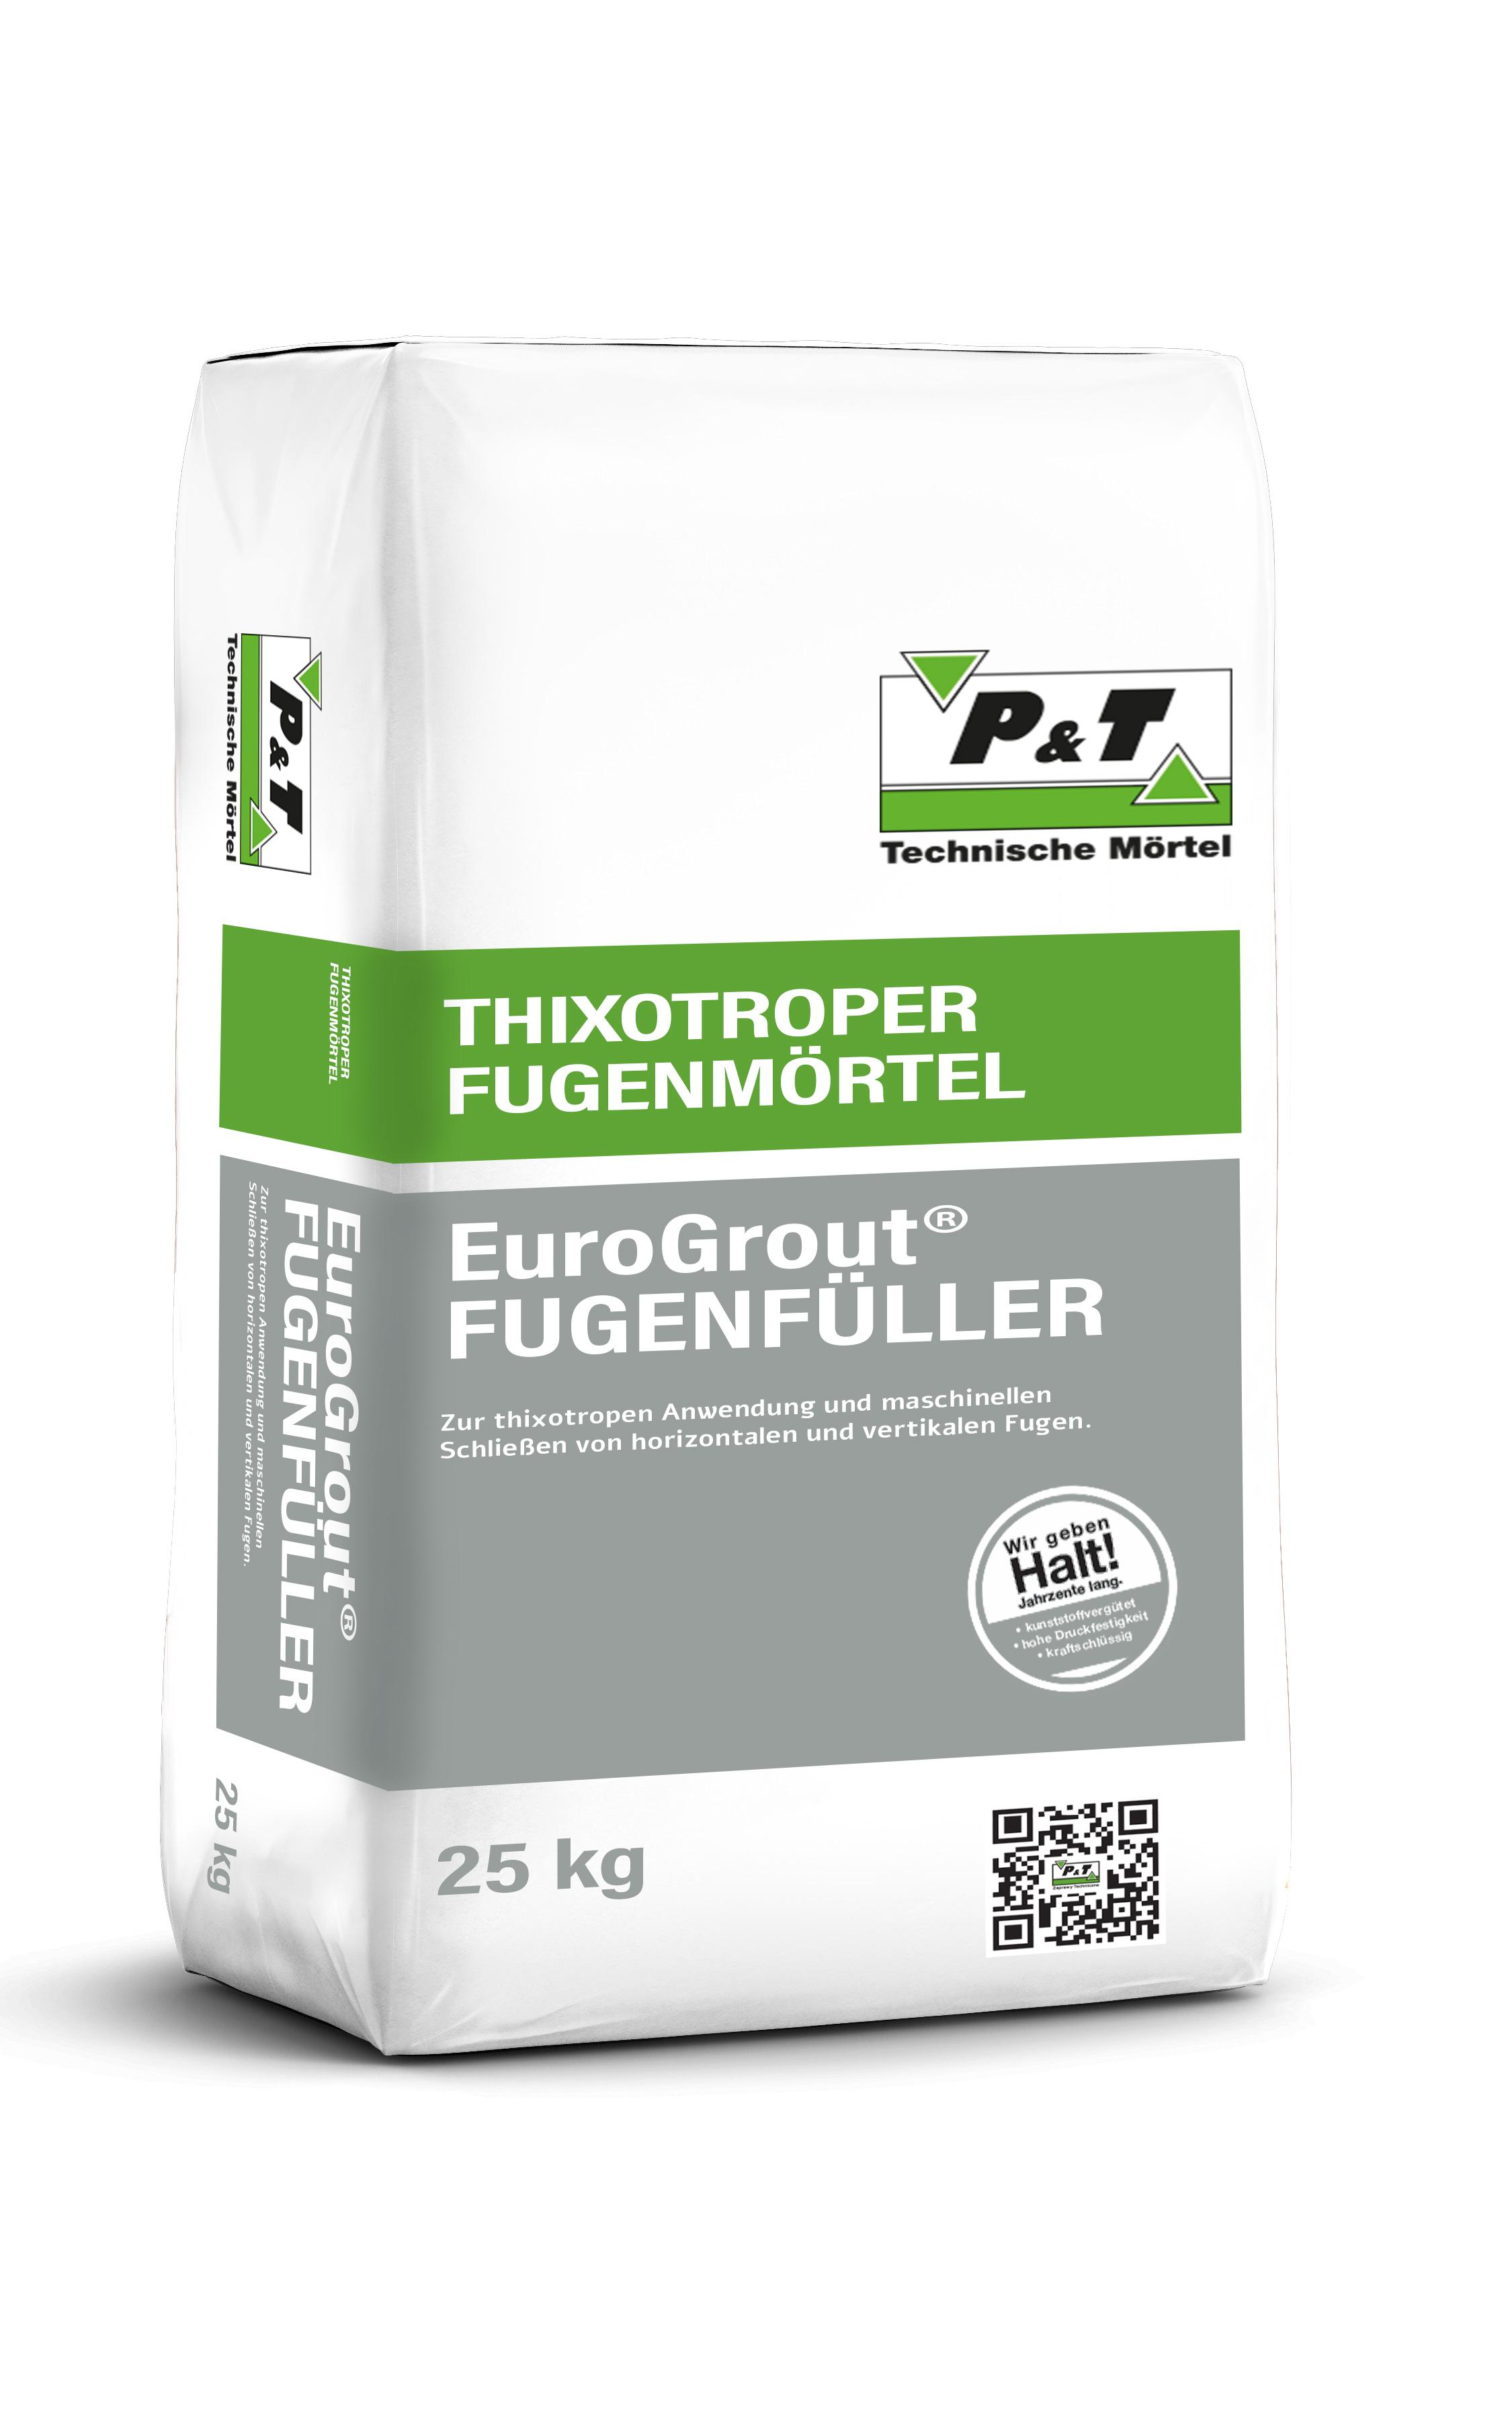 EuroGrout Fugenfüller